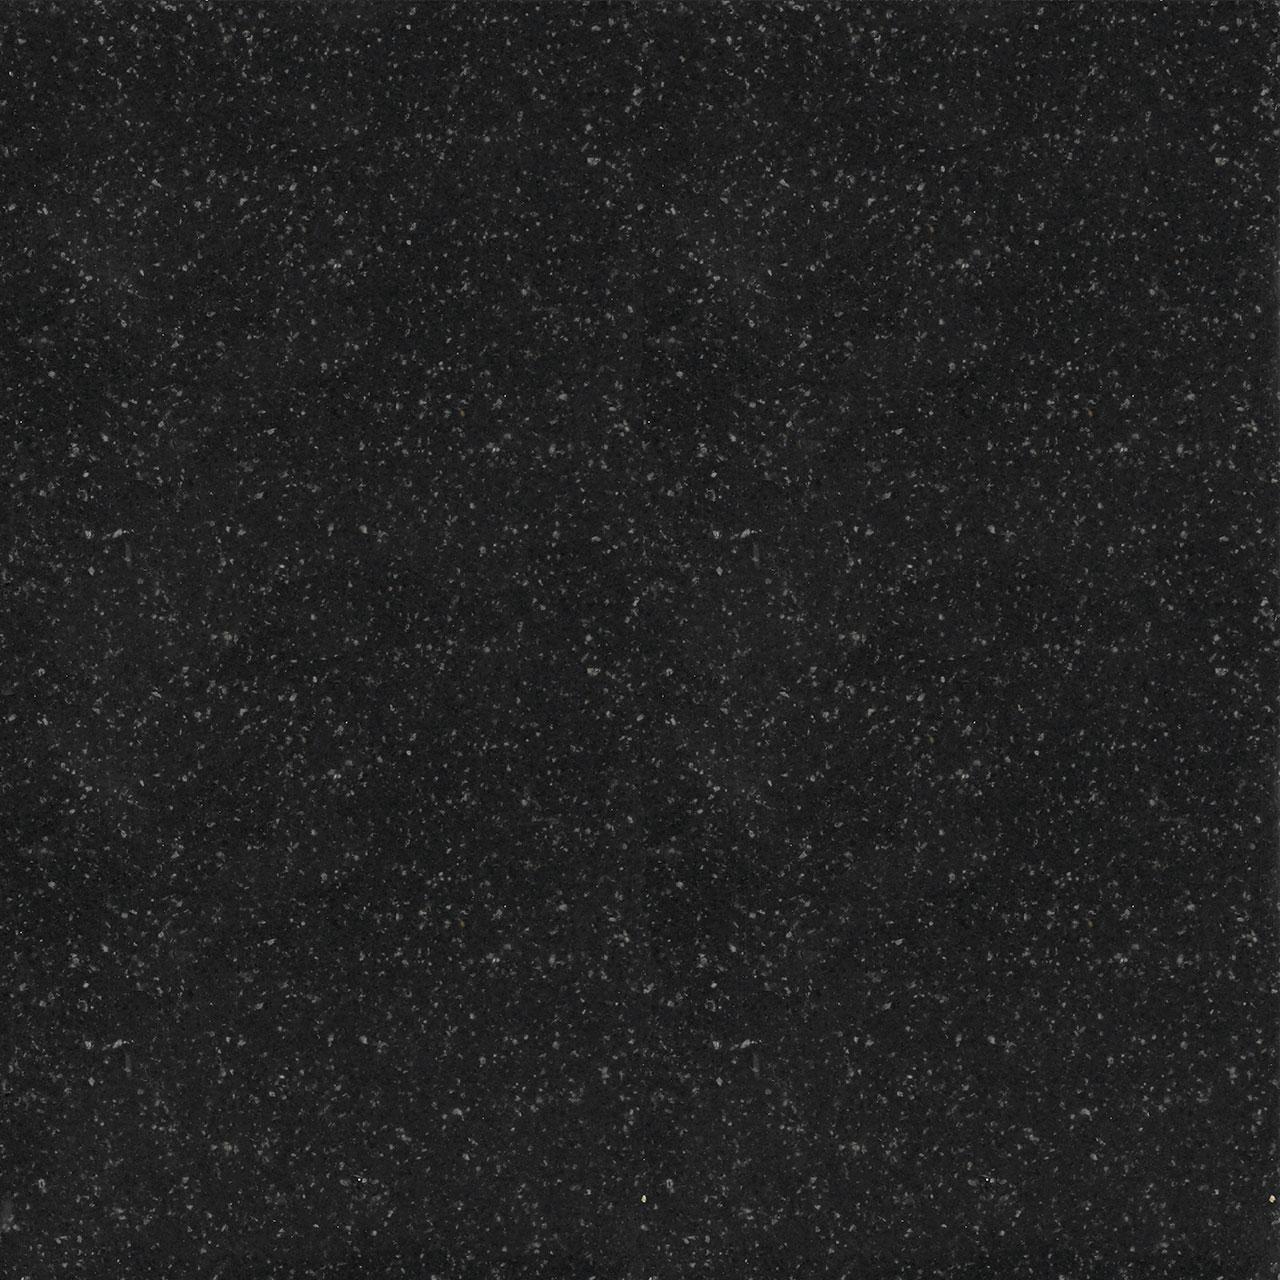 KUMA Granit Nero Africa Gloss